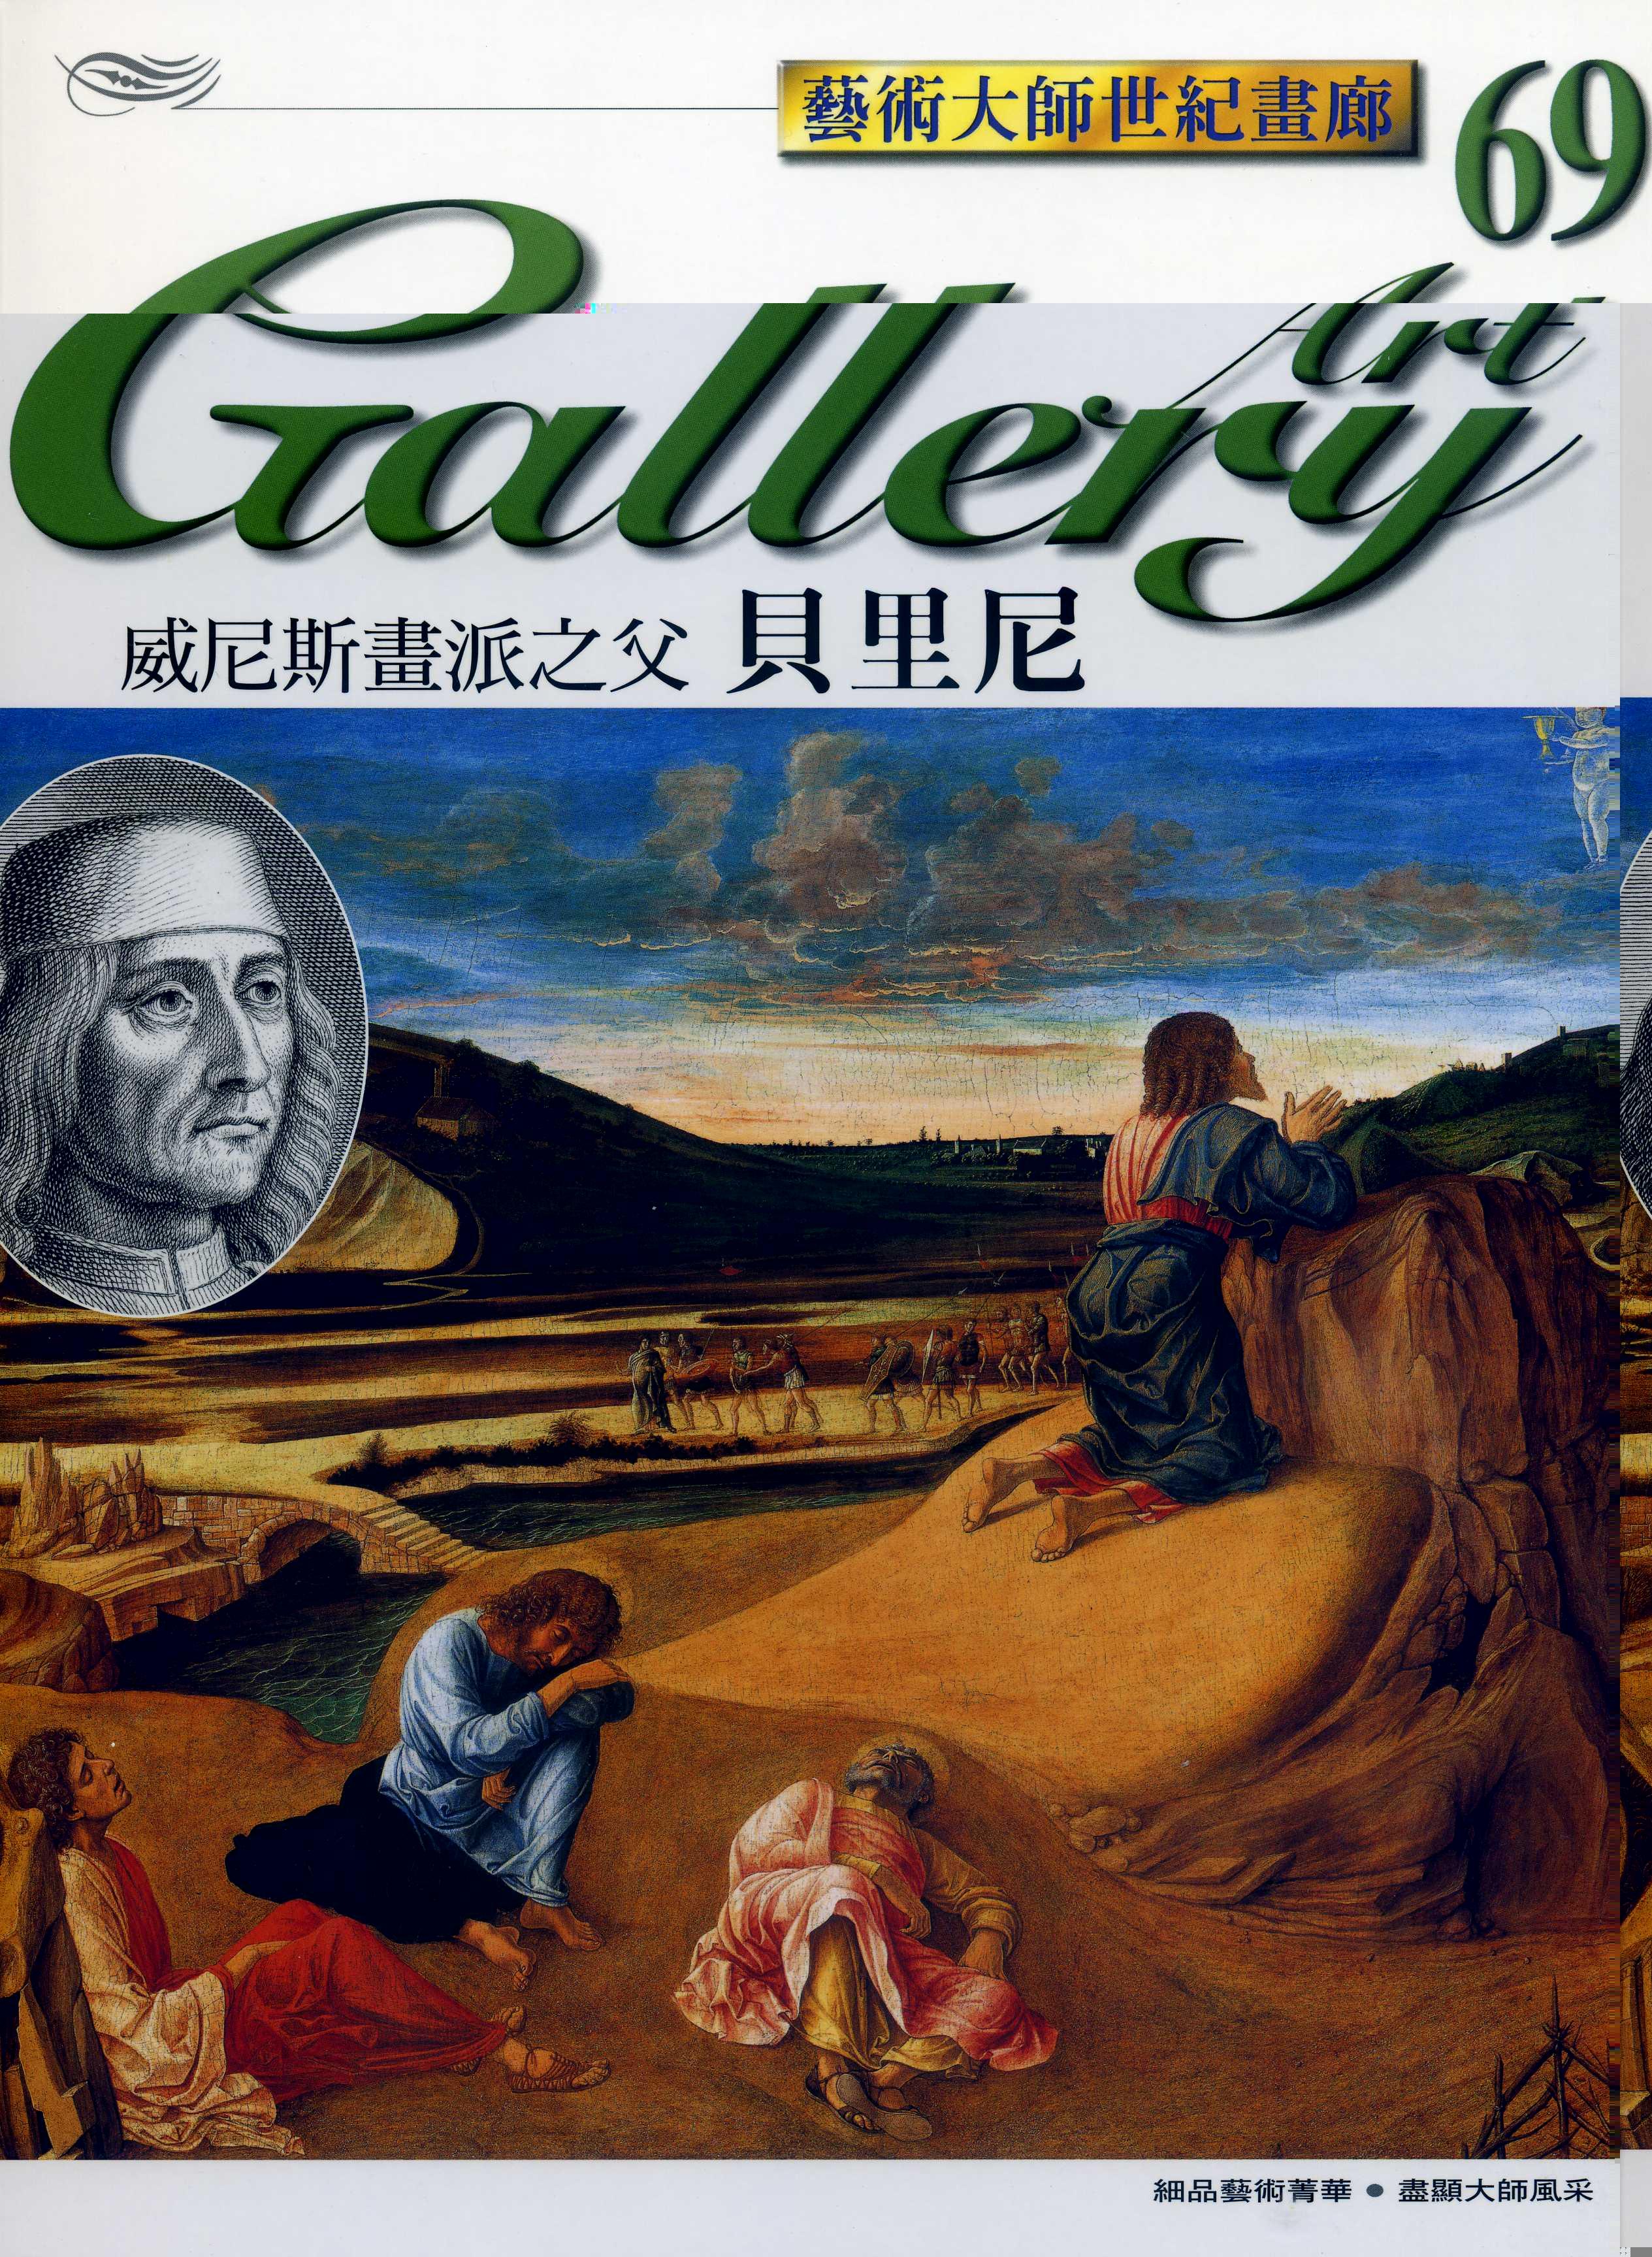 威尼斯畫派之父-貝里尼